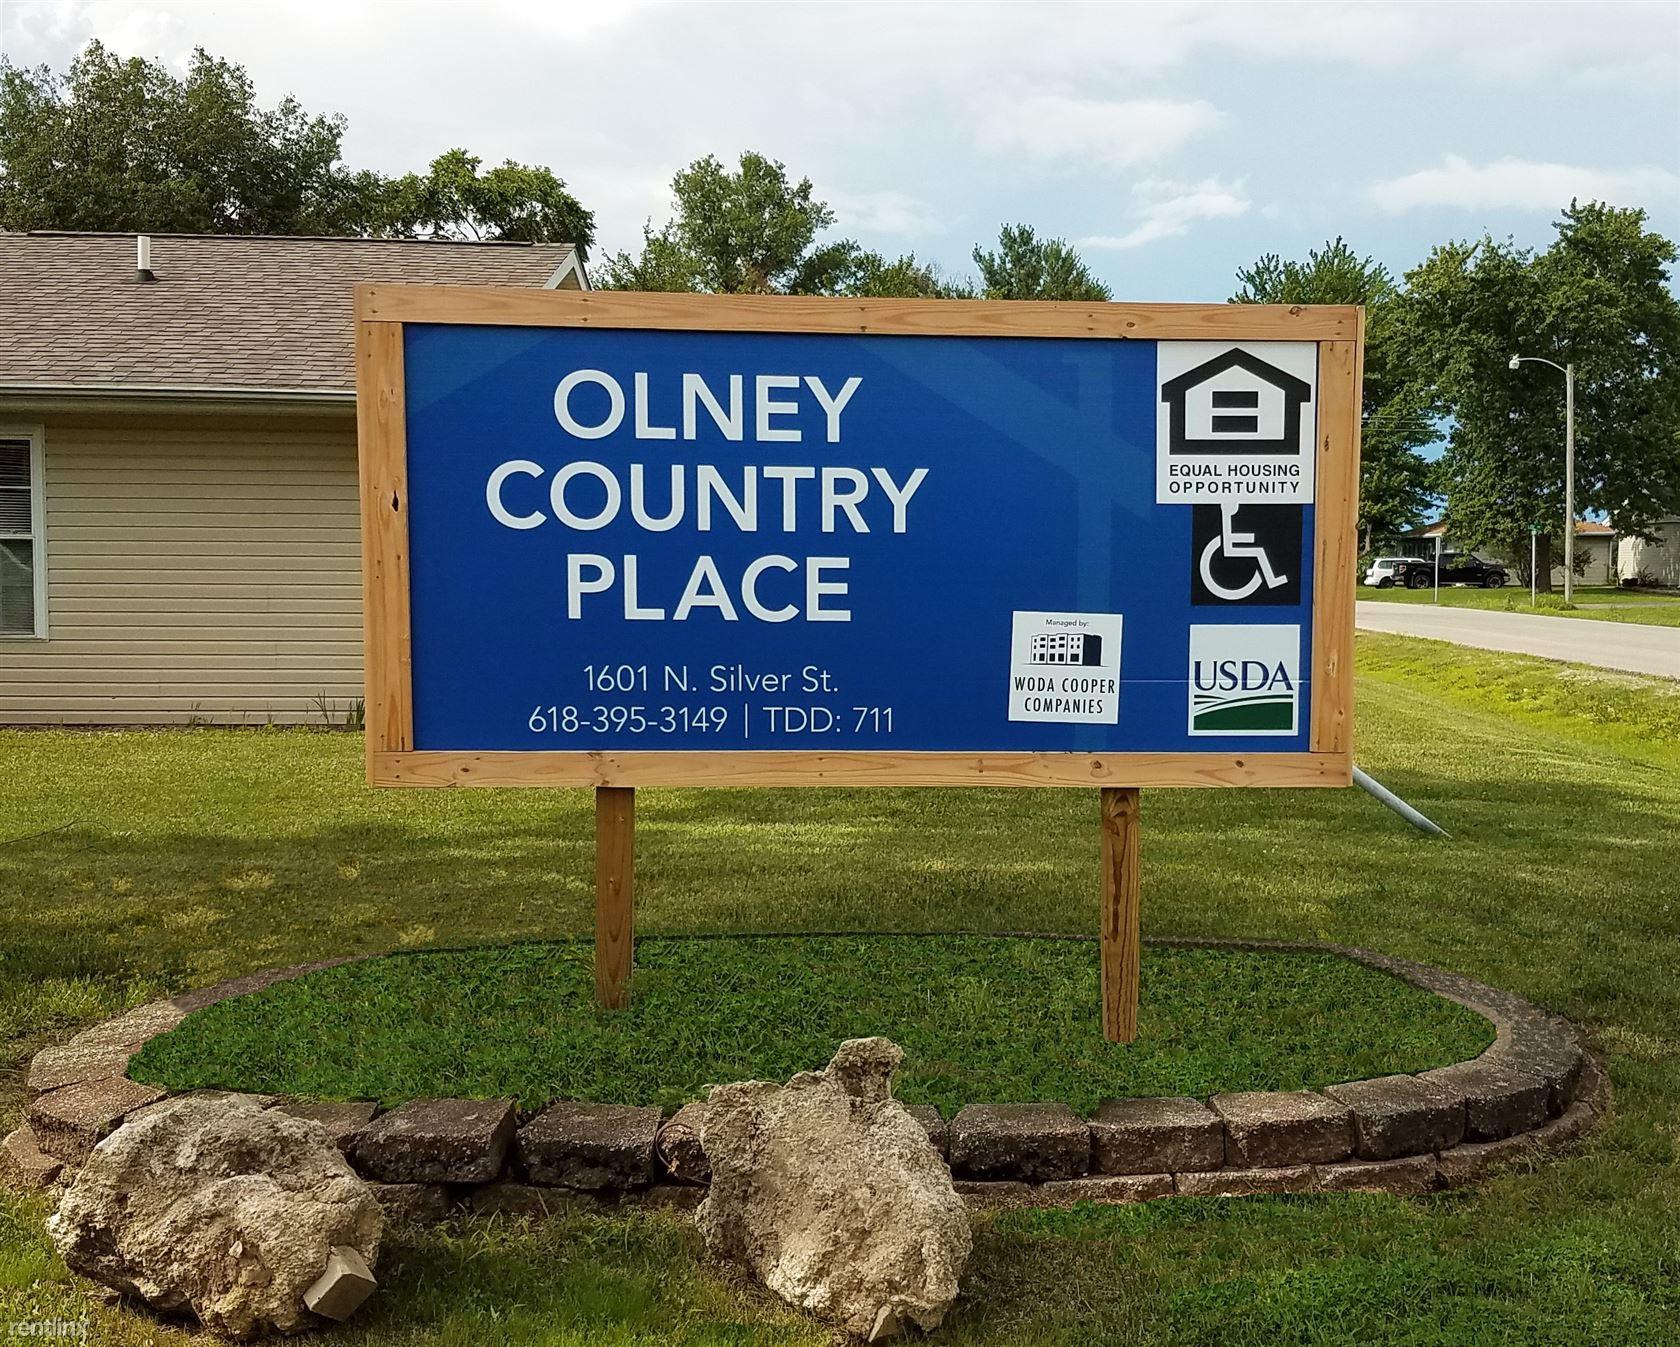 1601 N Silver St, Olney, IL - $448